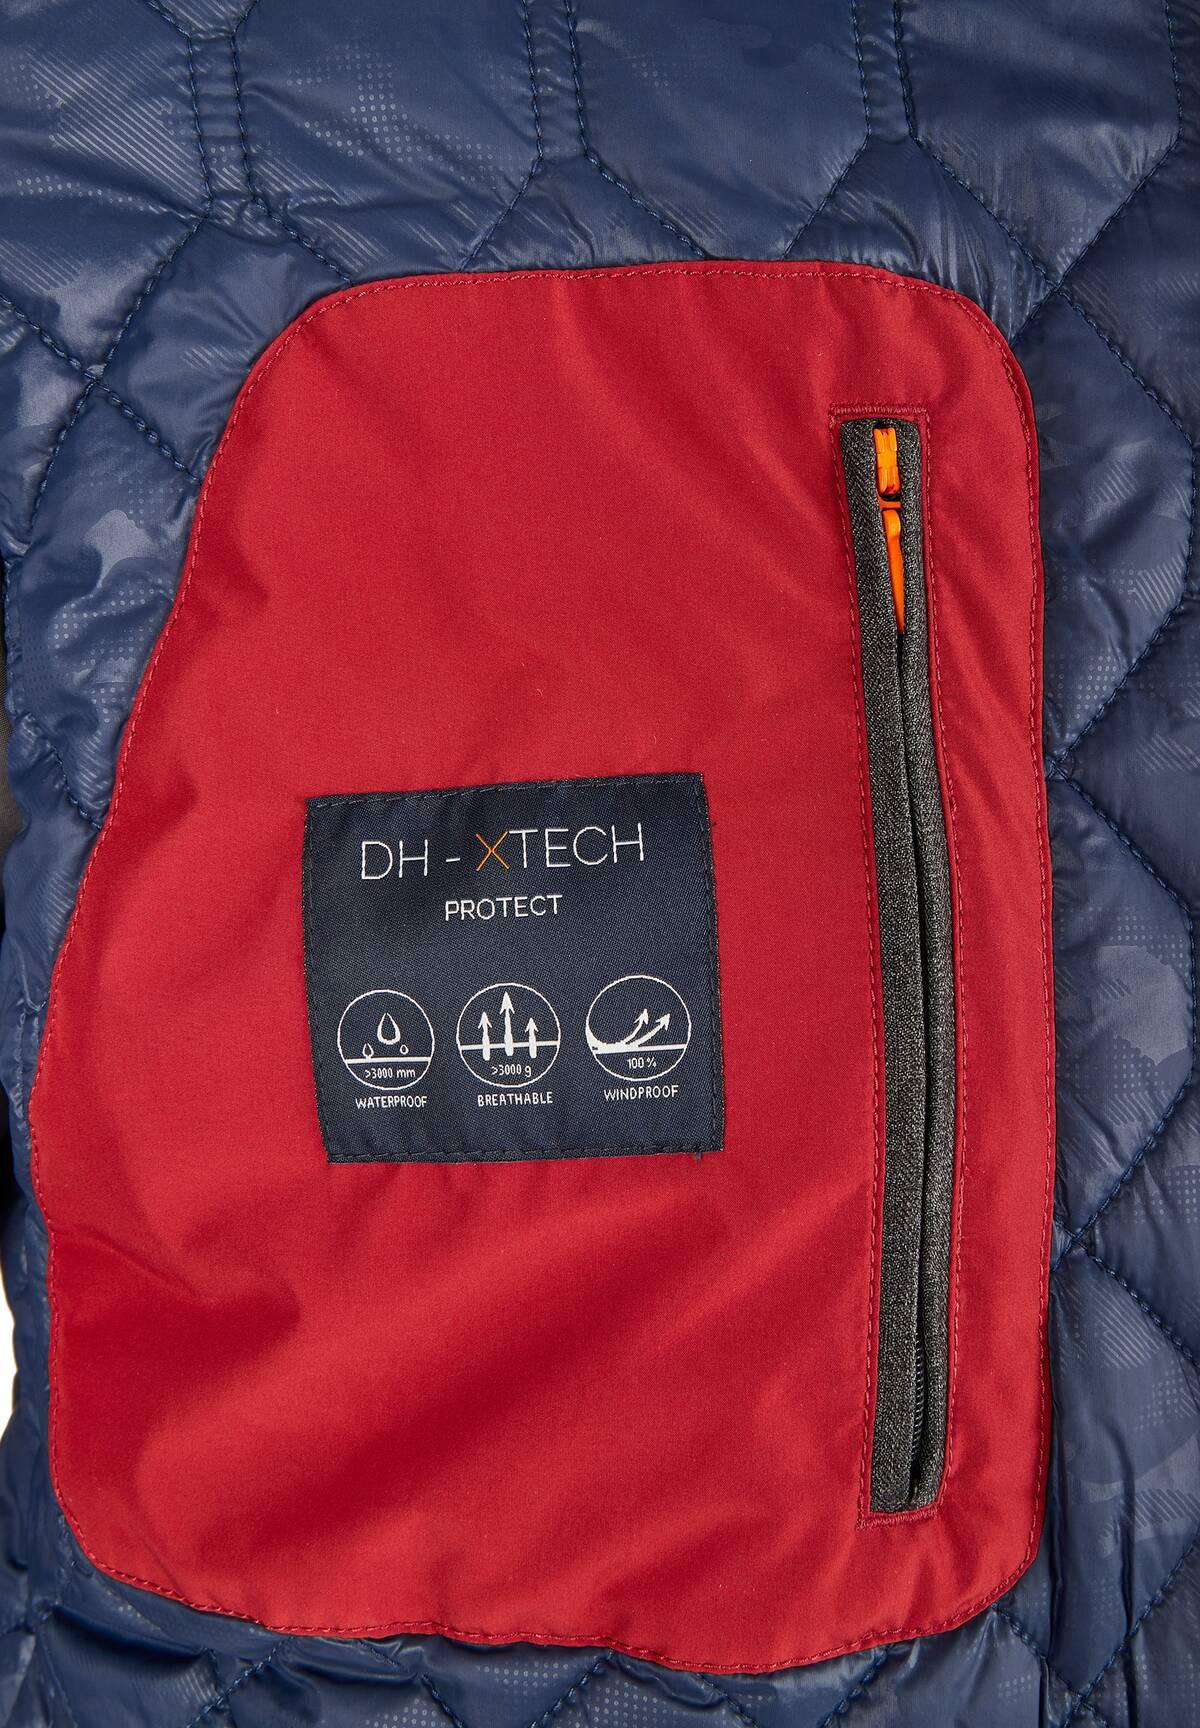 DH-XTECH Protect Blouson / BLOUSON